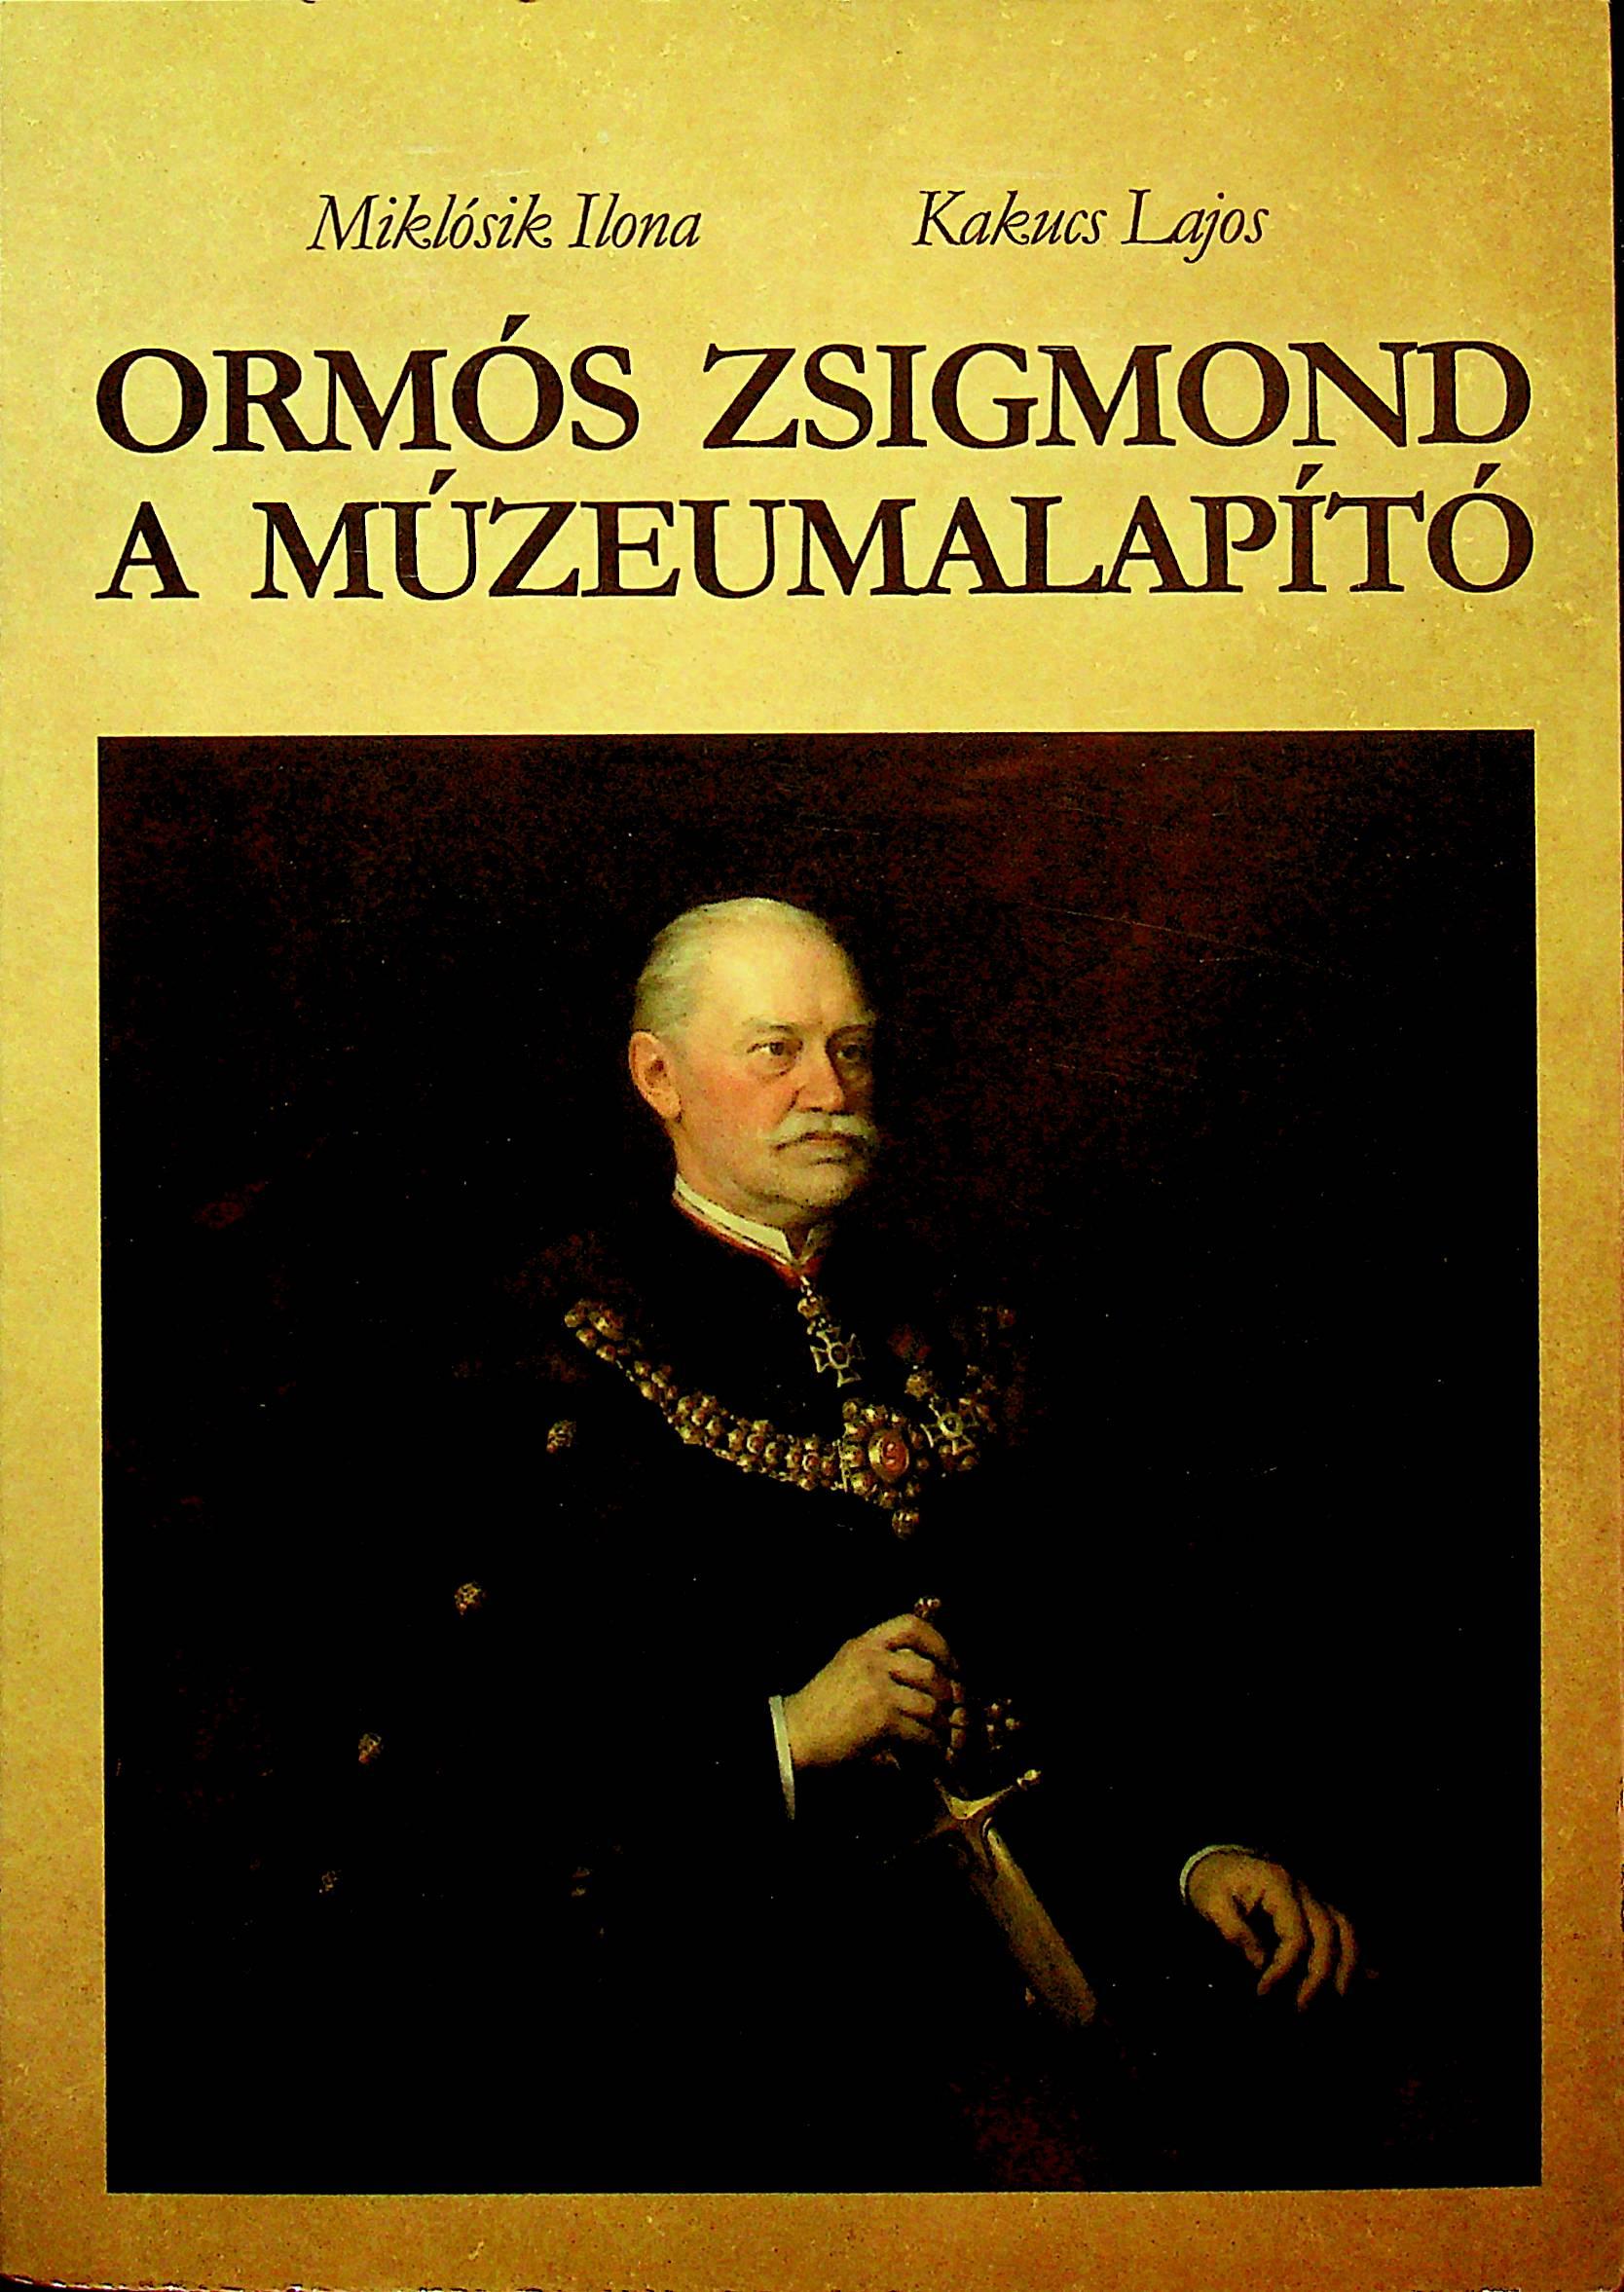 Ormós Zsigmond – A múzeumalapító - Temesváros